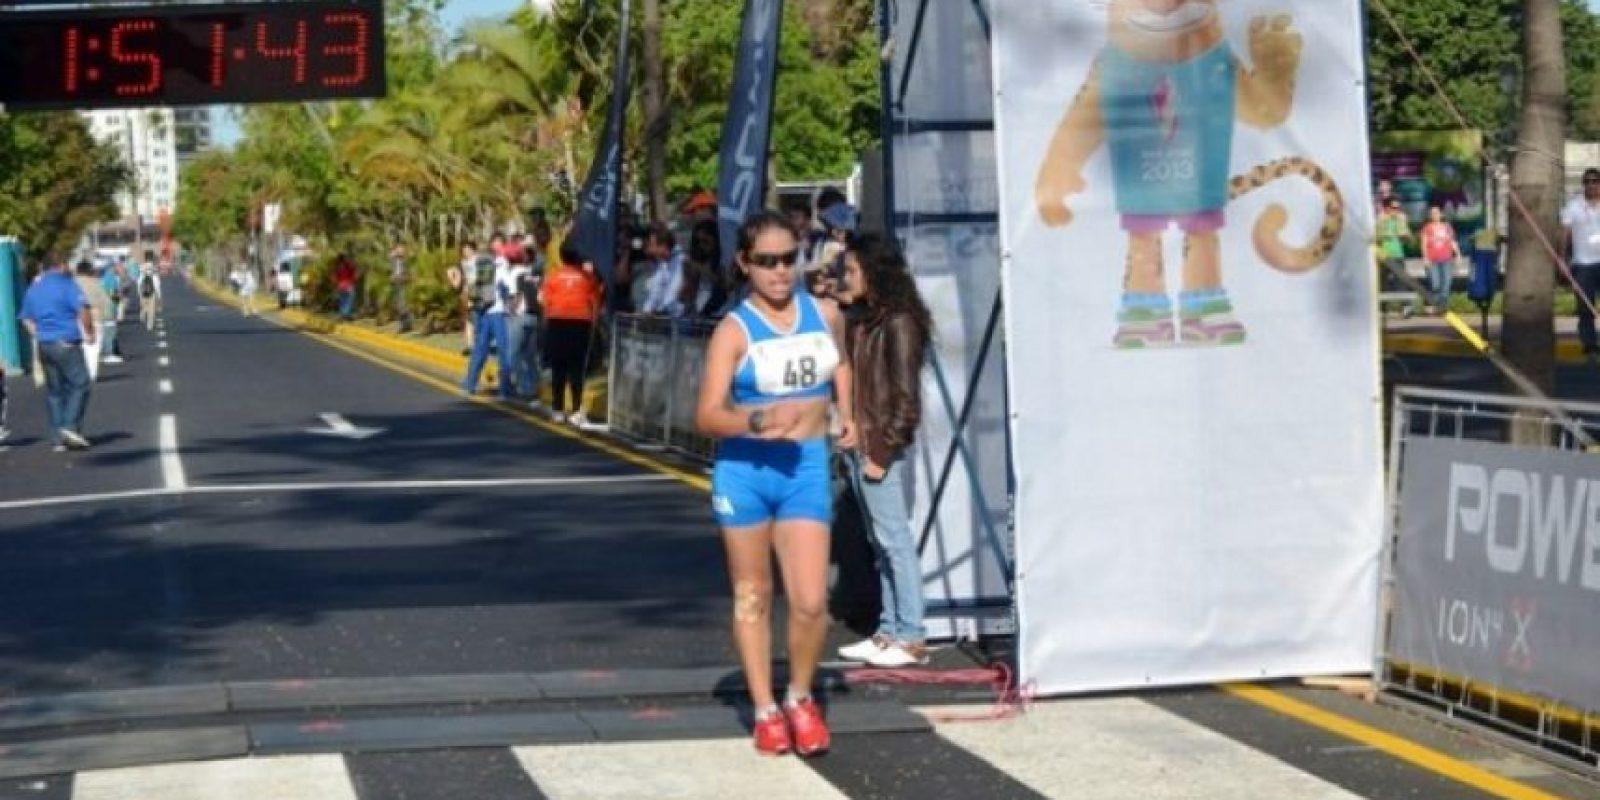 Irene Barrondo ingresa a la meta, luego de los 20 kilómetros marcha / Foto:Mynor Arita, enviado especial a San José 2013